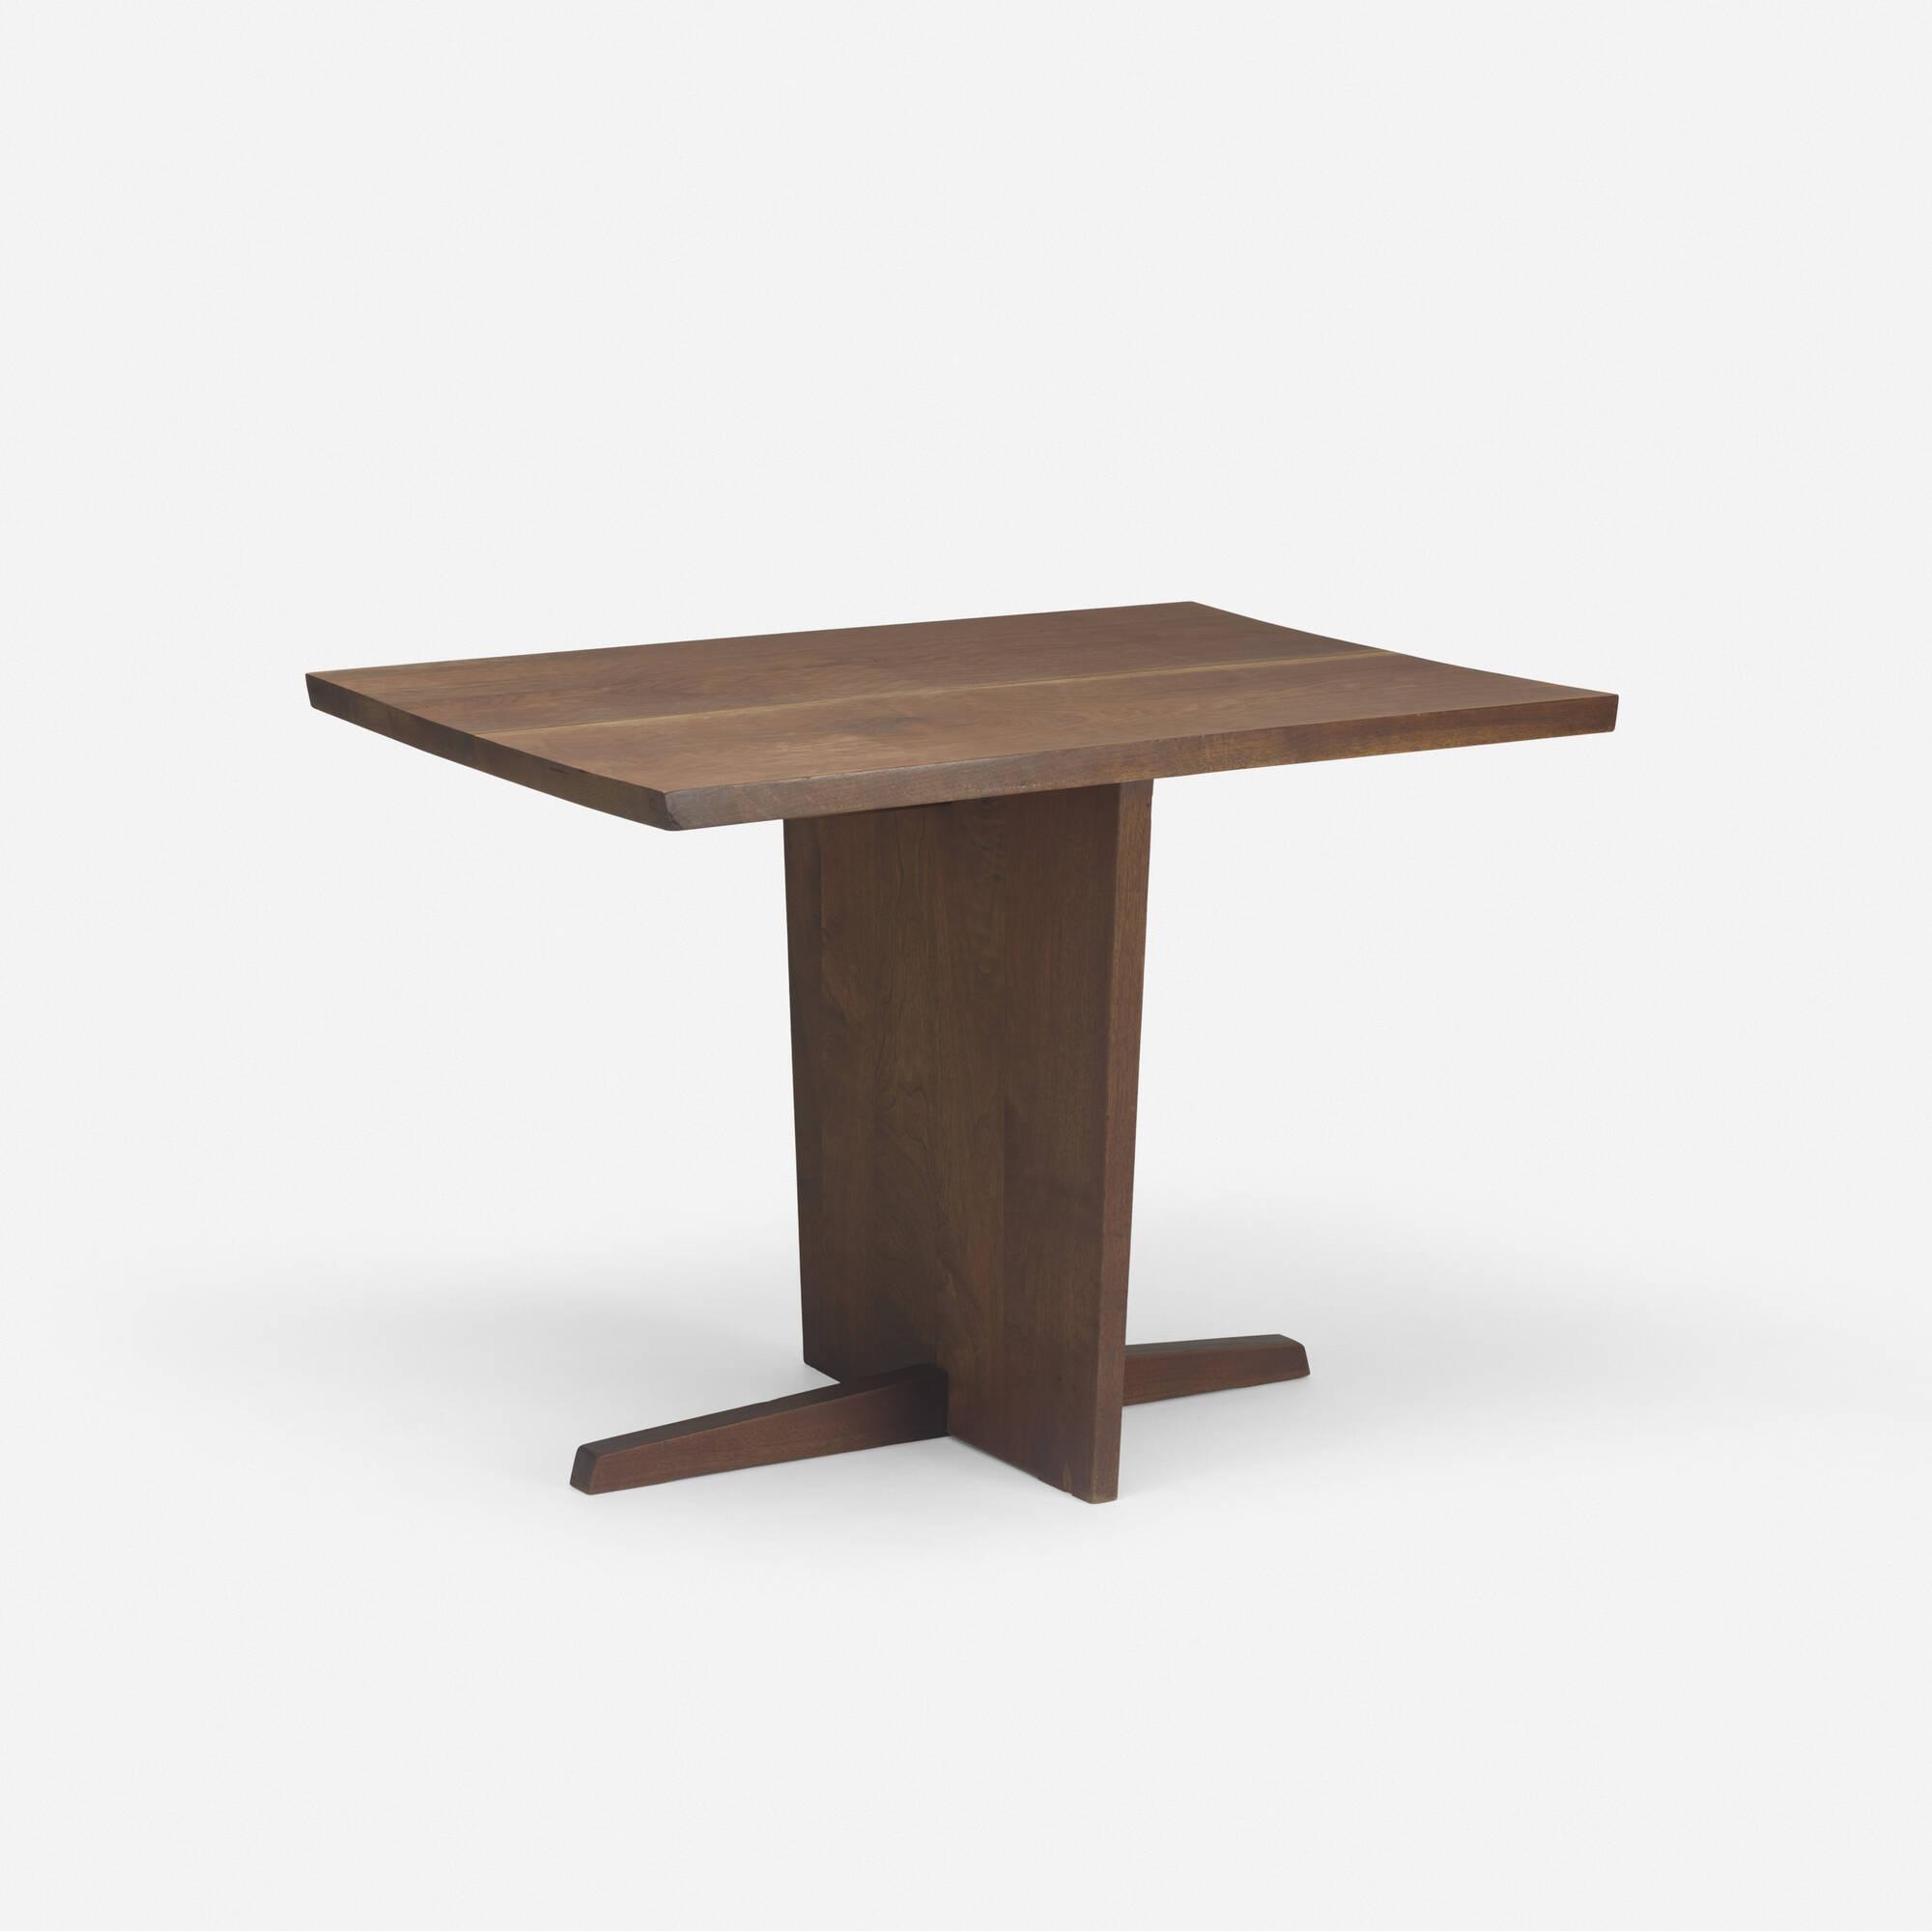 144: George Nakashima / Minguren I table (1 of 2)